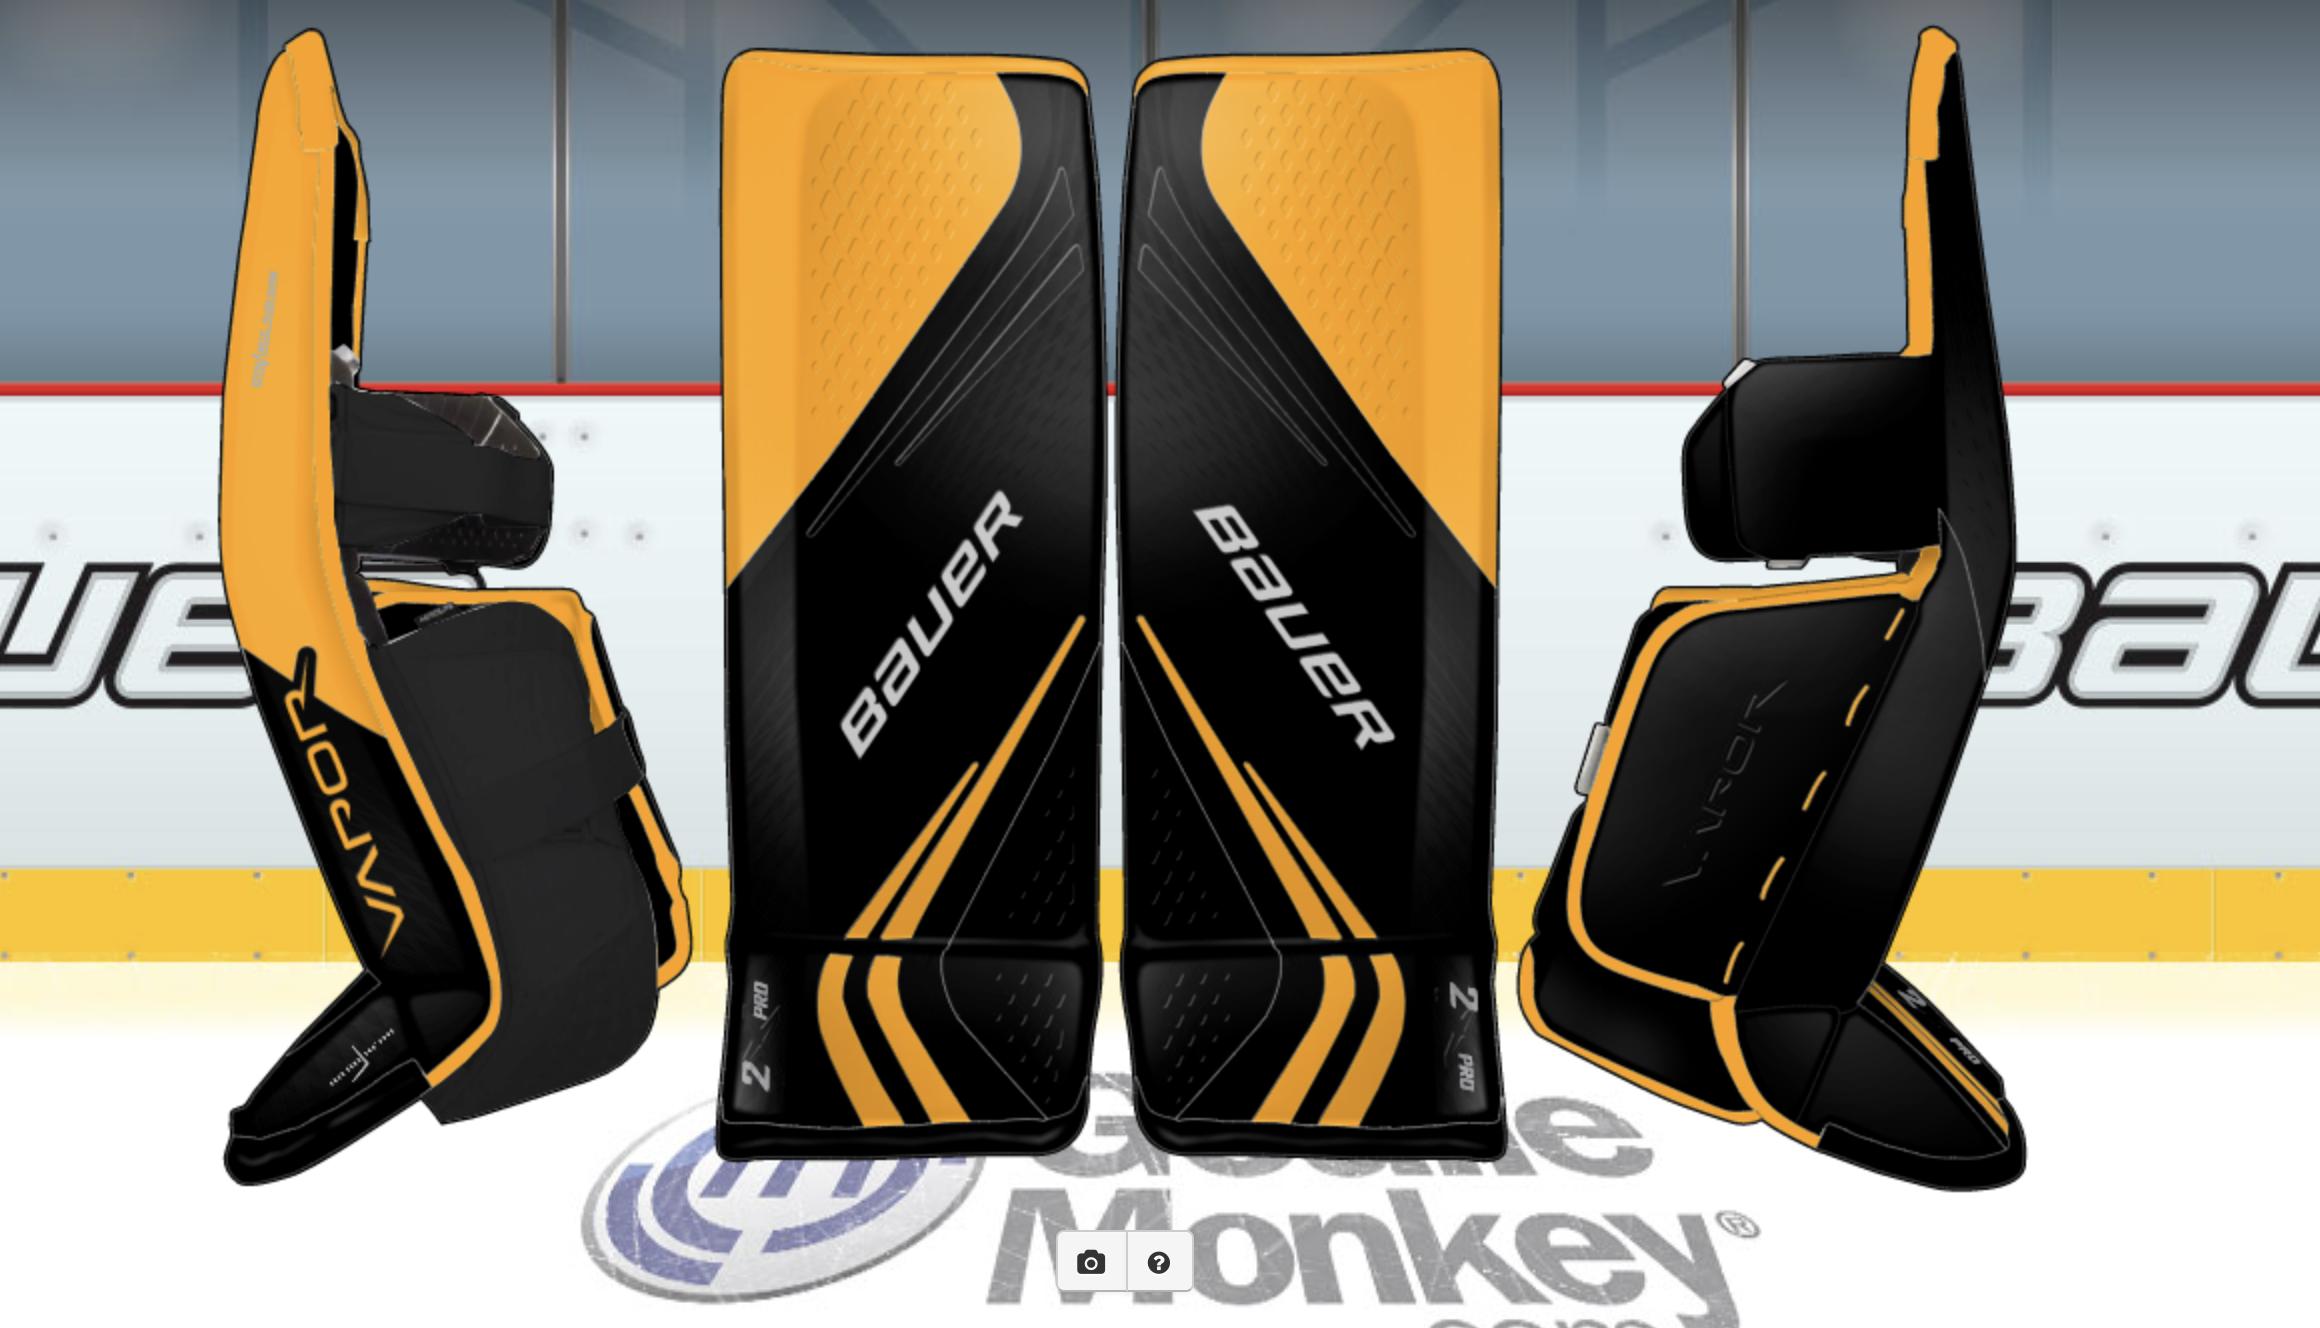 Black Based Penguins Bauer 2x Pads Goalie Gear Goalie Pads Goalie